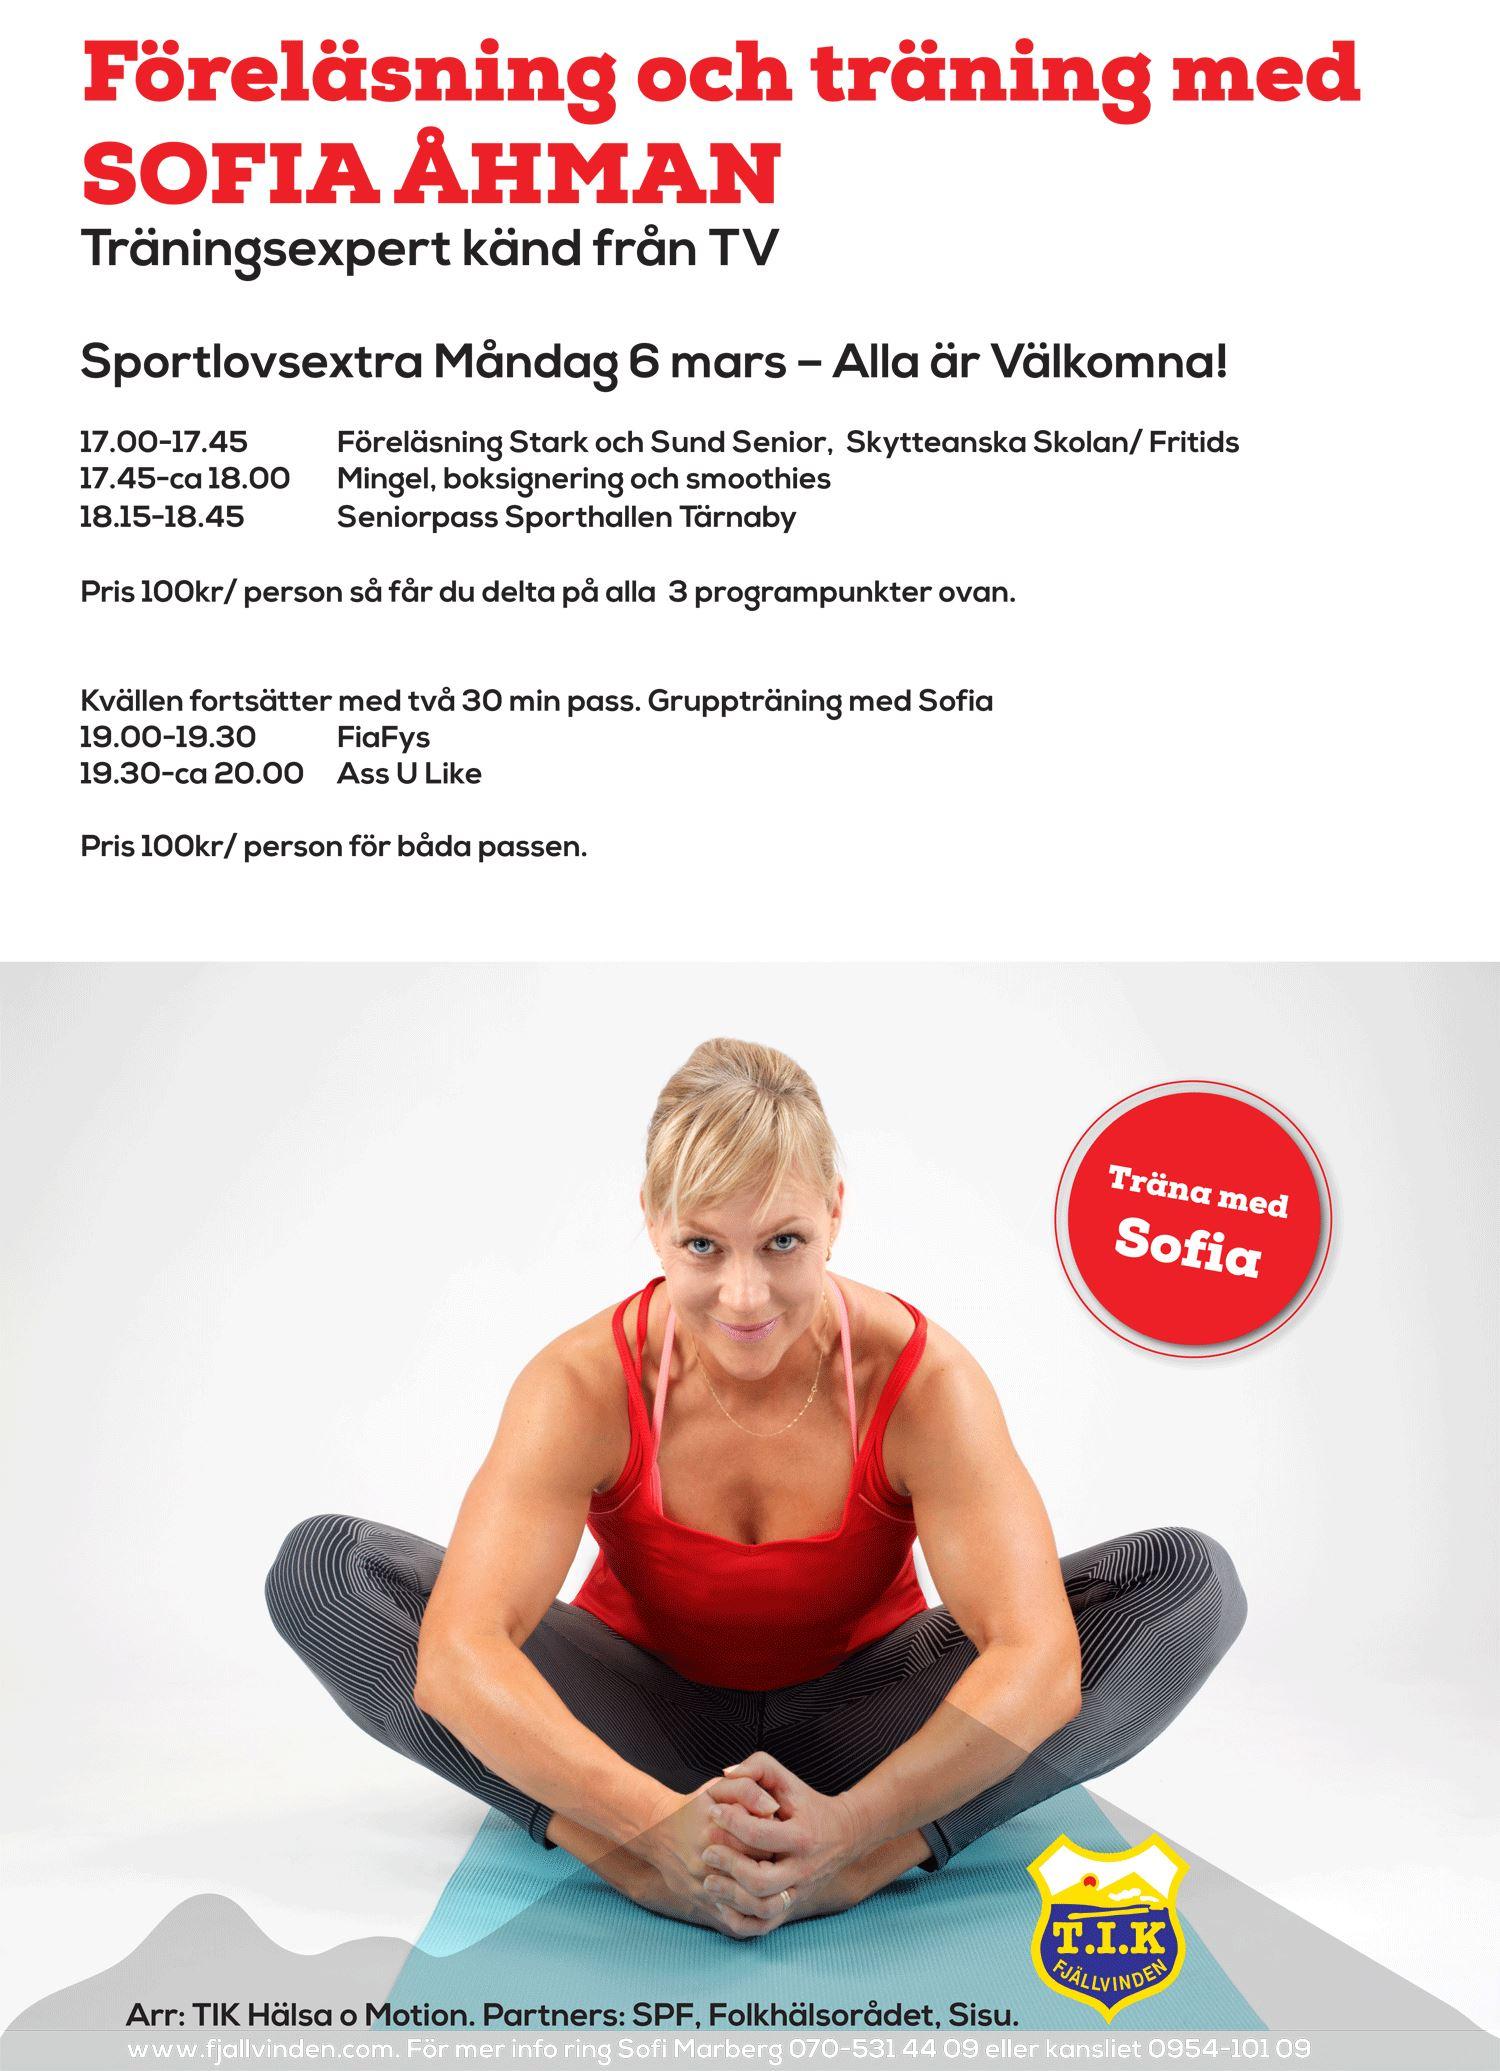 Föreläsning och träning med SOFIA ÅHMAN